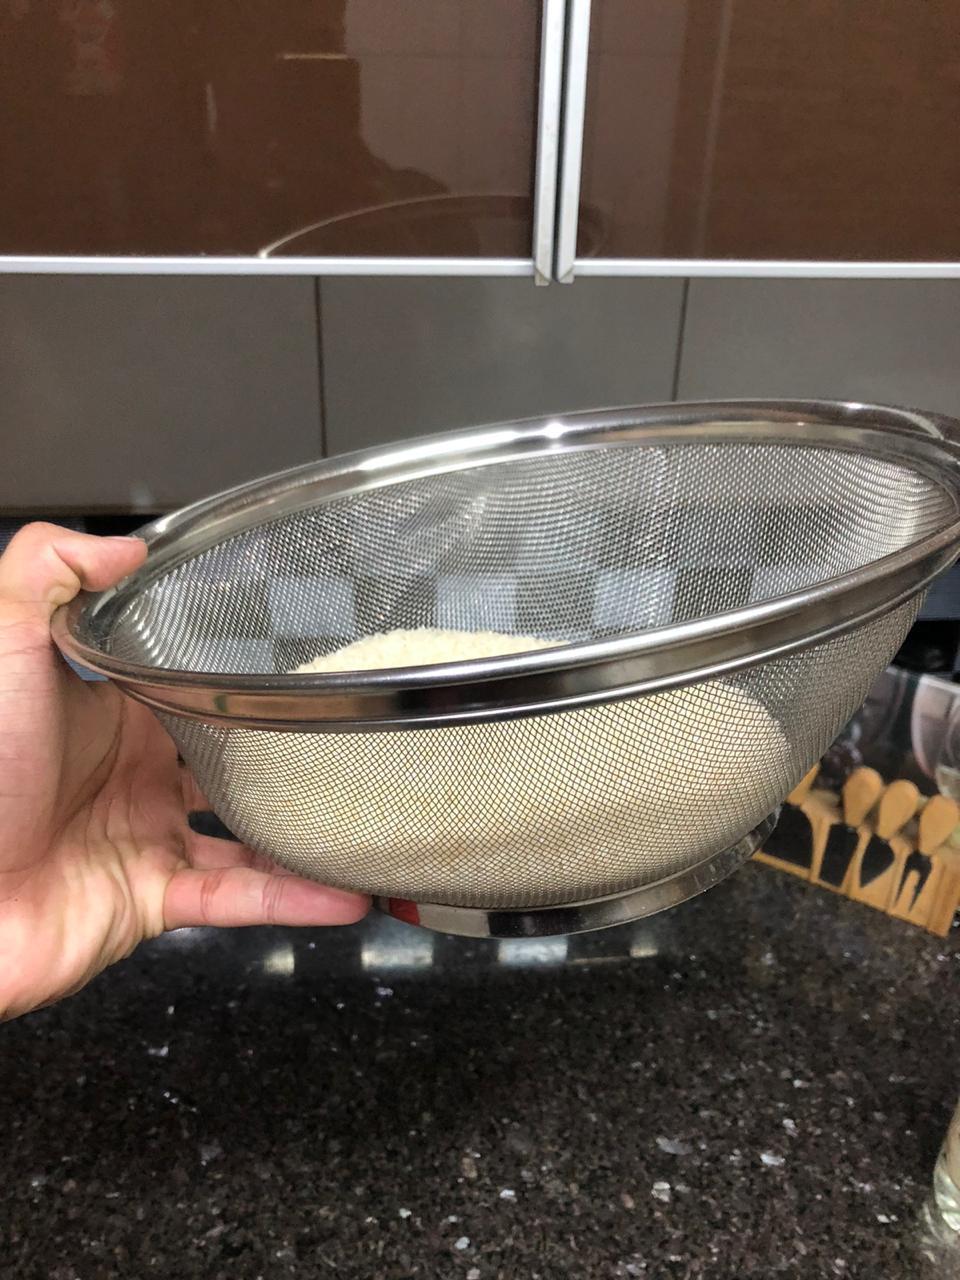 Escorredor de macarrão arroz grande inox peneira de cozinha coar e escorrer 28x13cm